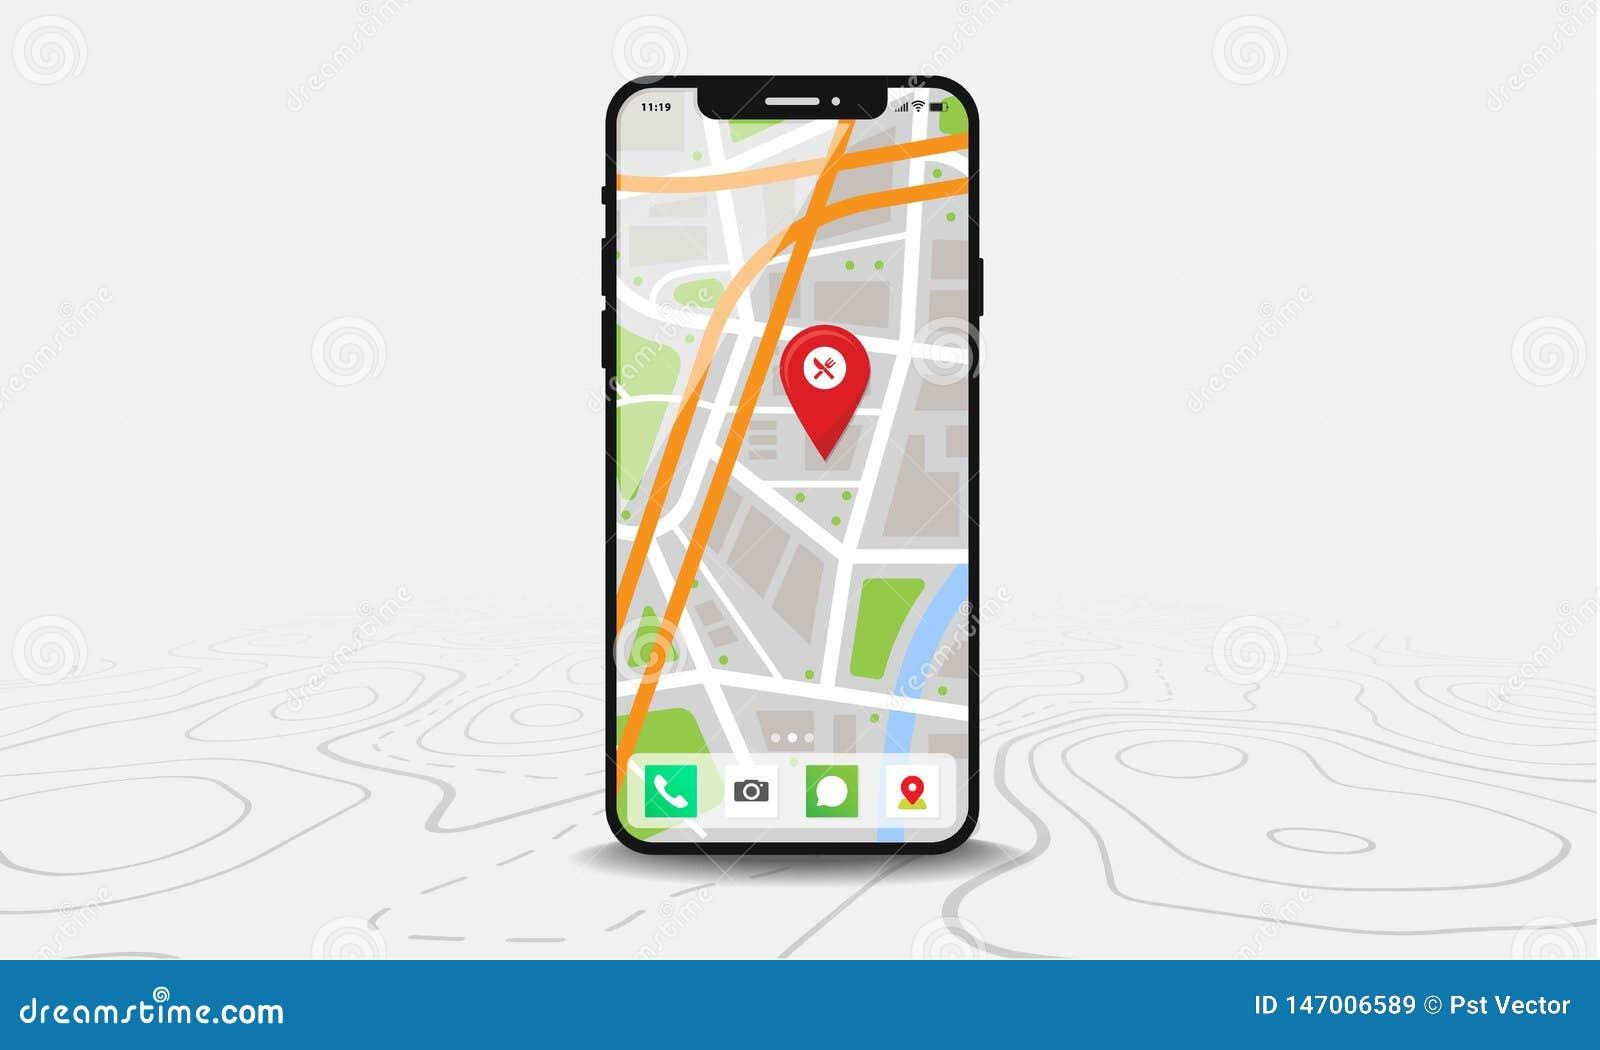 Smartphone con el mapa y la punta roja en la pantalla, aislada en la línea fondo de los mapas